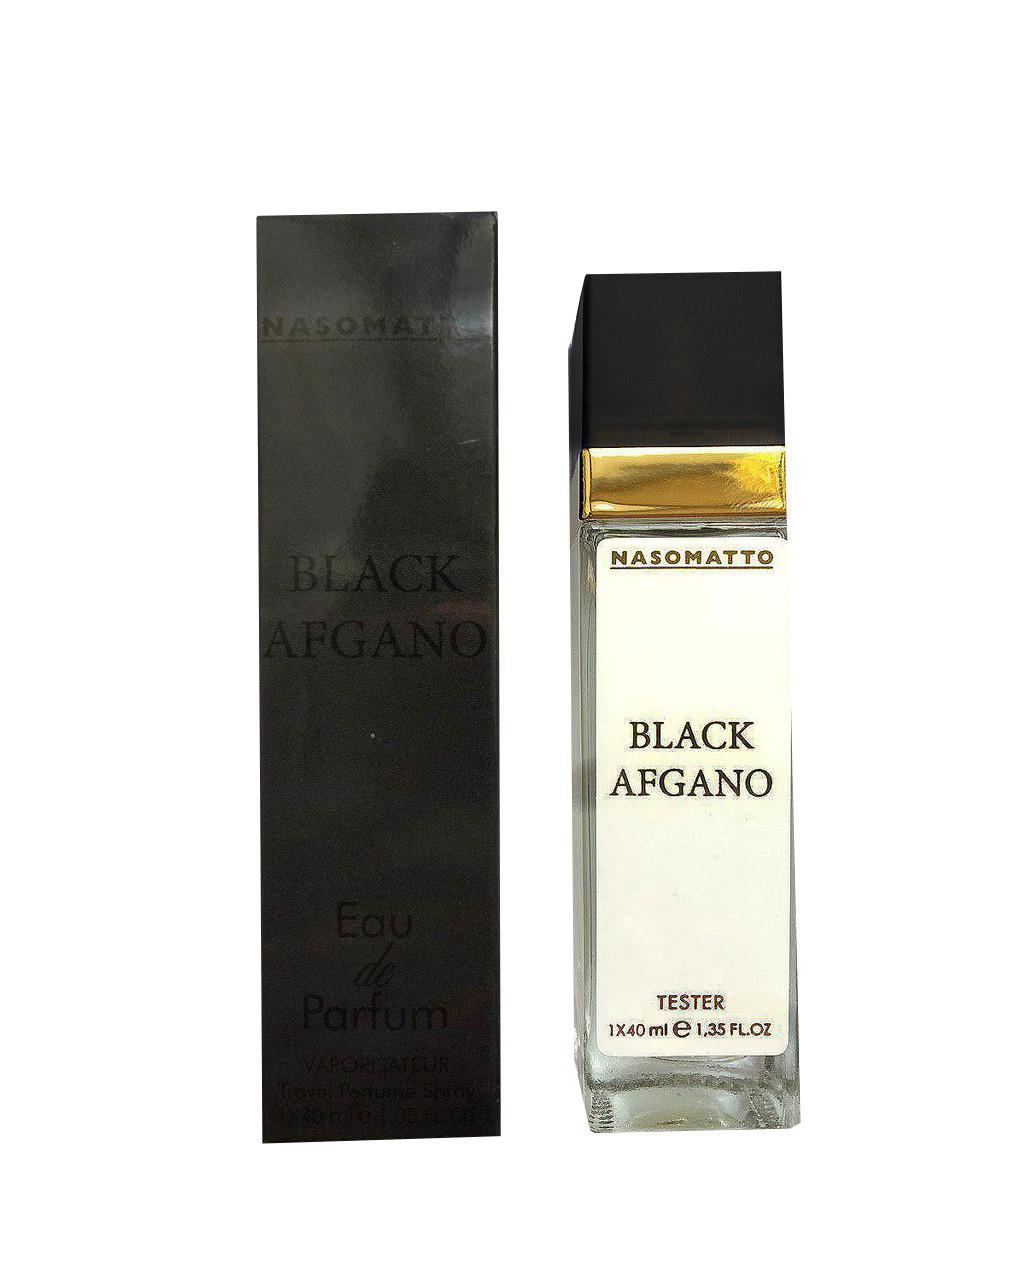 Nasomatto Black Afgano - Travel Perfume 40ml